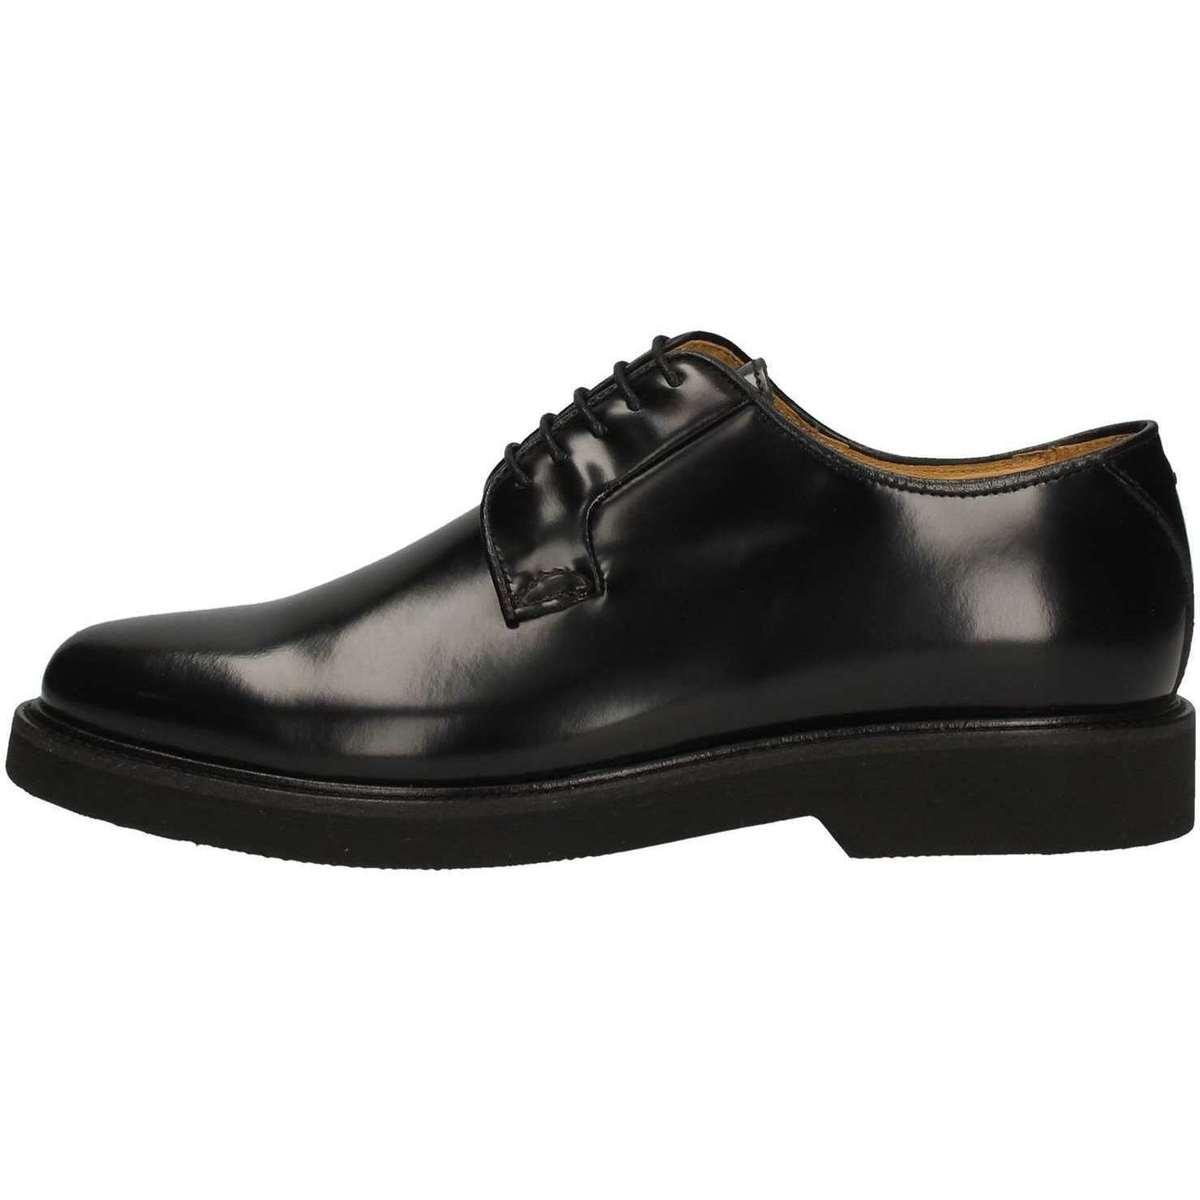 Hudson 930 Lace up shoes Mann Schwarz Schwarz - Schuhe Derby-Schuhe Herren 104,00 €